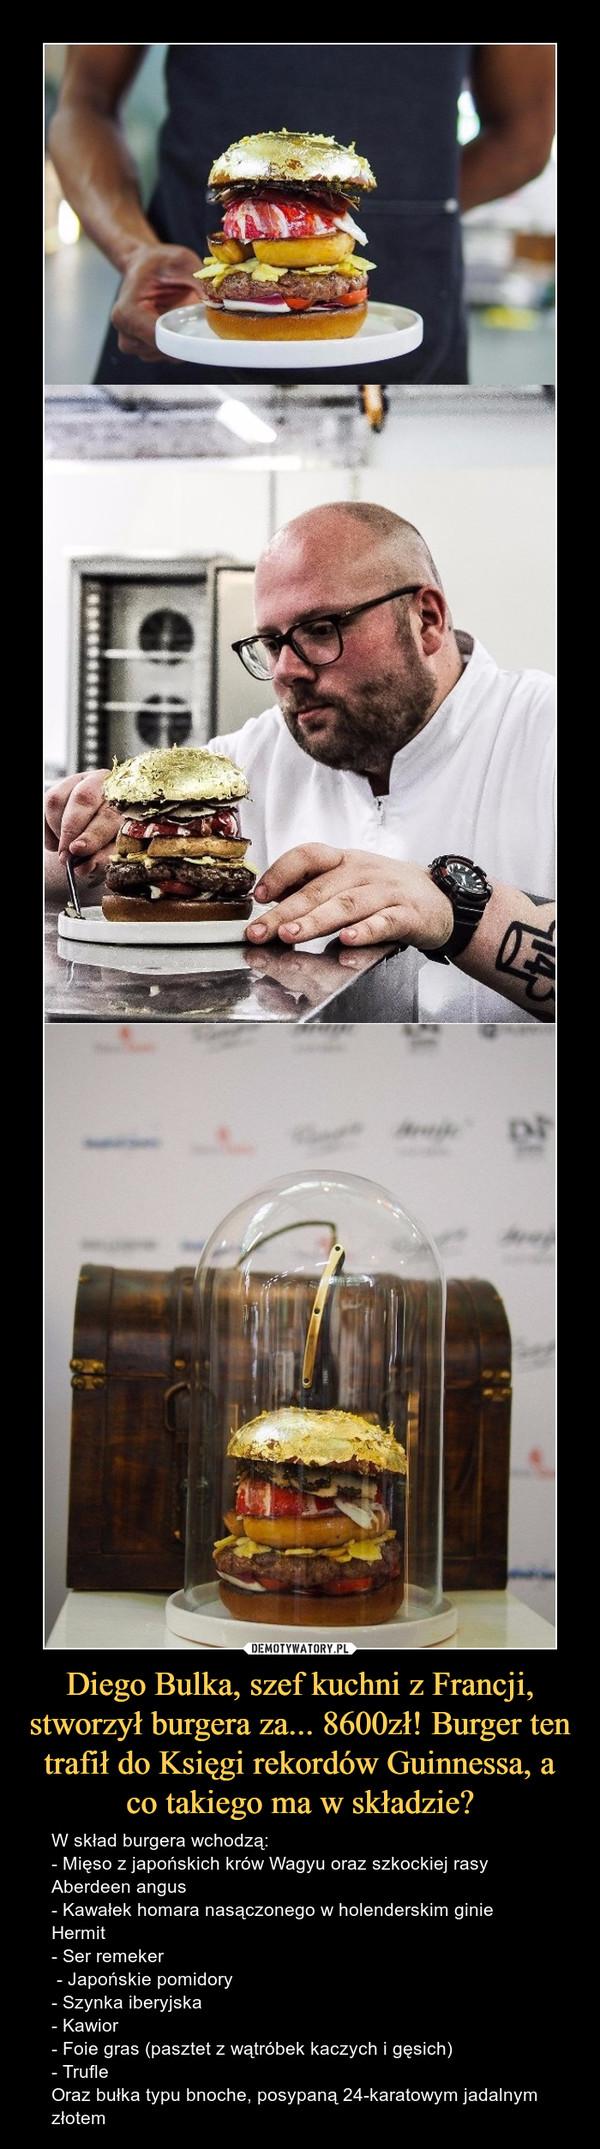 Diego Bulka, szef kuchni z Francji, stworzył burgera za... 8600zł! Burger ten trafił do Księgi rekordów Guinnessa, a co takiego ma w składzie? – W skład burgera wchodzą: - Mięso z japońskich krów Wagyu oraz szkockiej rasy Aberdeen angus - Kawałek homara nasączonego w holenderskim ginie Hermit - Ser remeker - Japońskie pomidory - Szynka iberyjska - Kawior - Foie gras (pasztet z wątróbek kaczych i gęsich) - Trufle Oraz bułka typu bnoche, posypaną 24-karatowym jadalnym złotem